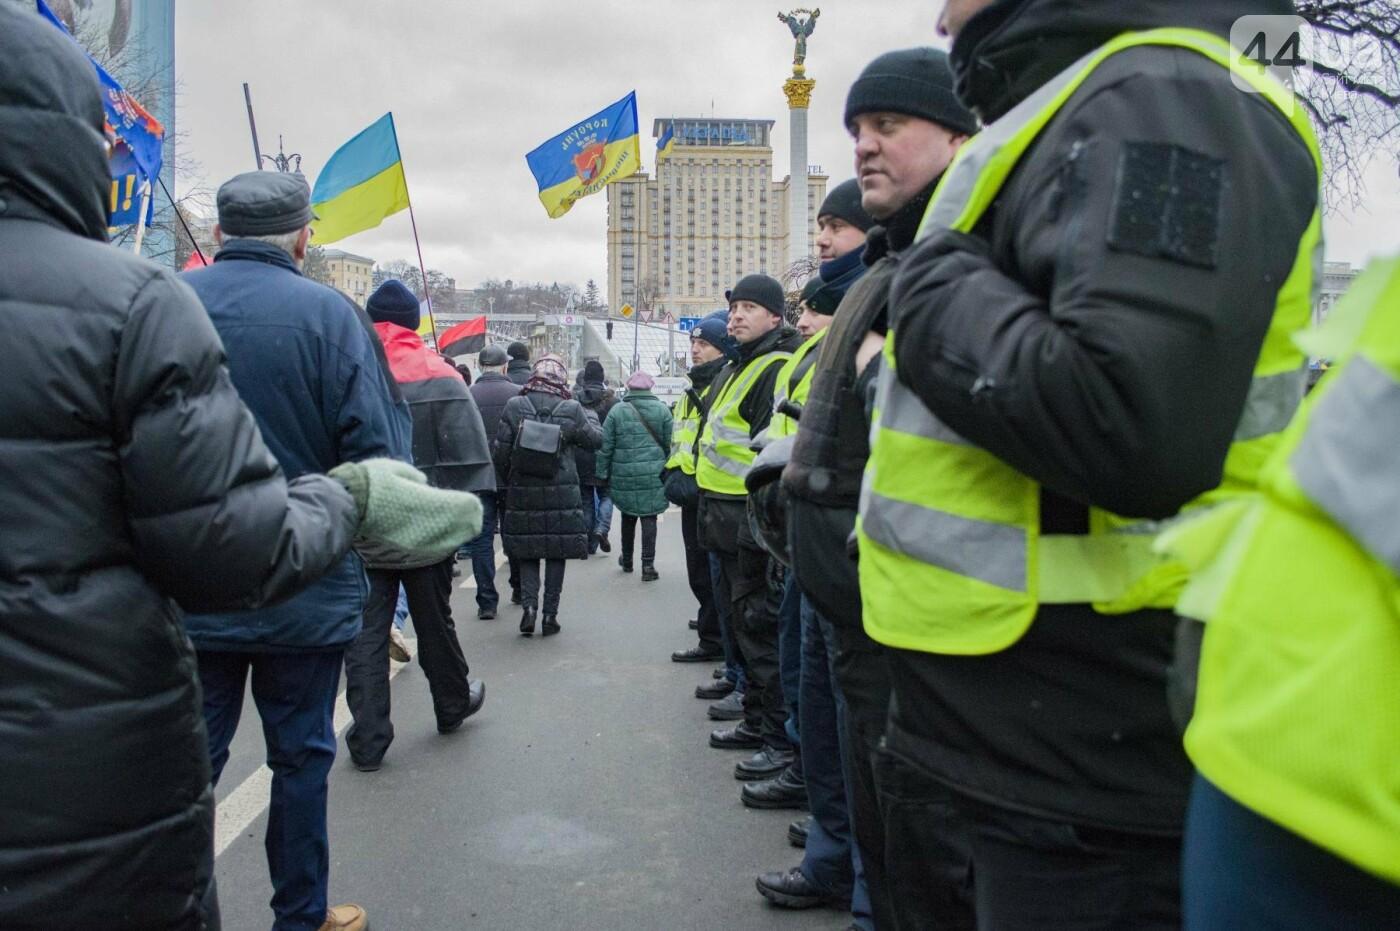 Порошенко дали 14 дней на отставку: Саакашвили провел очередной марш за импичмент, фото-12